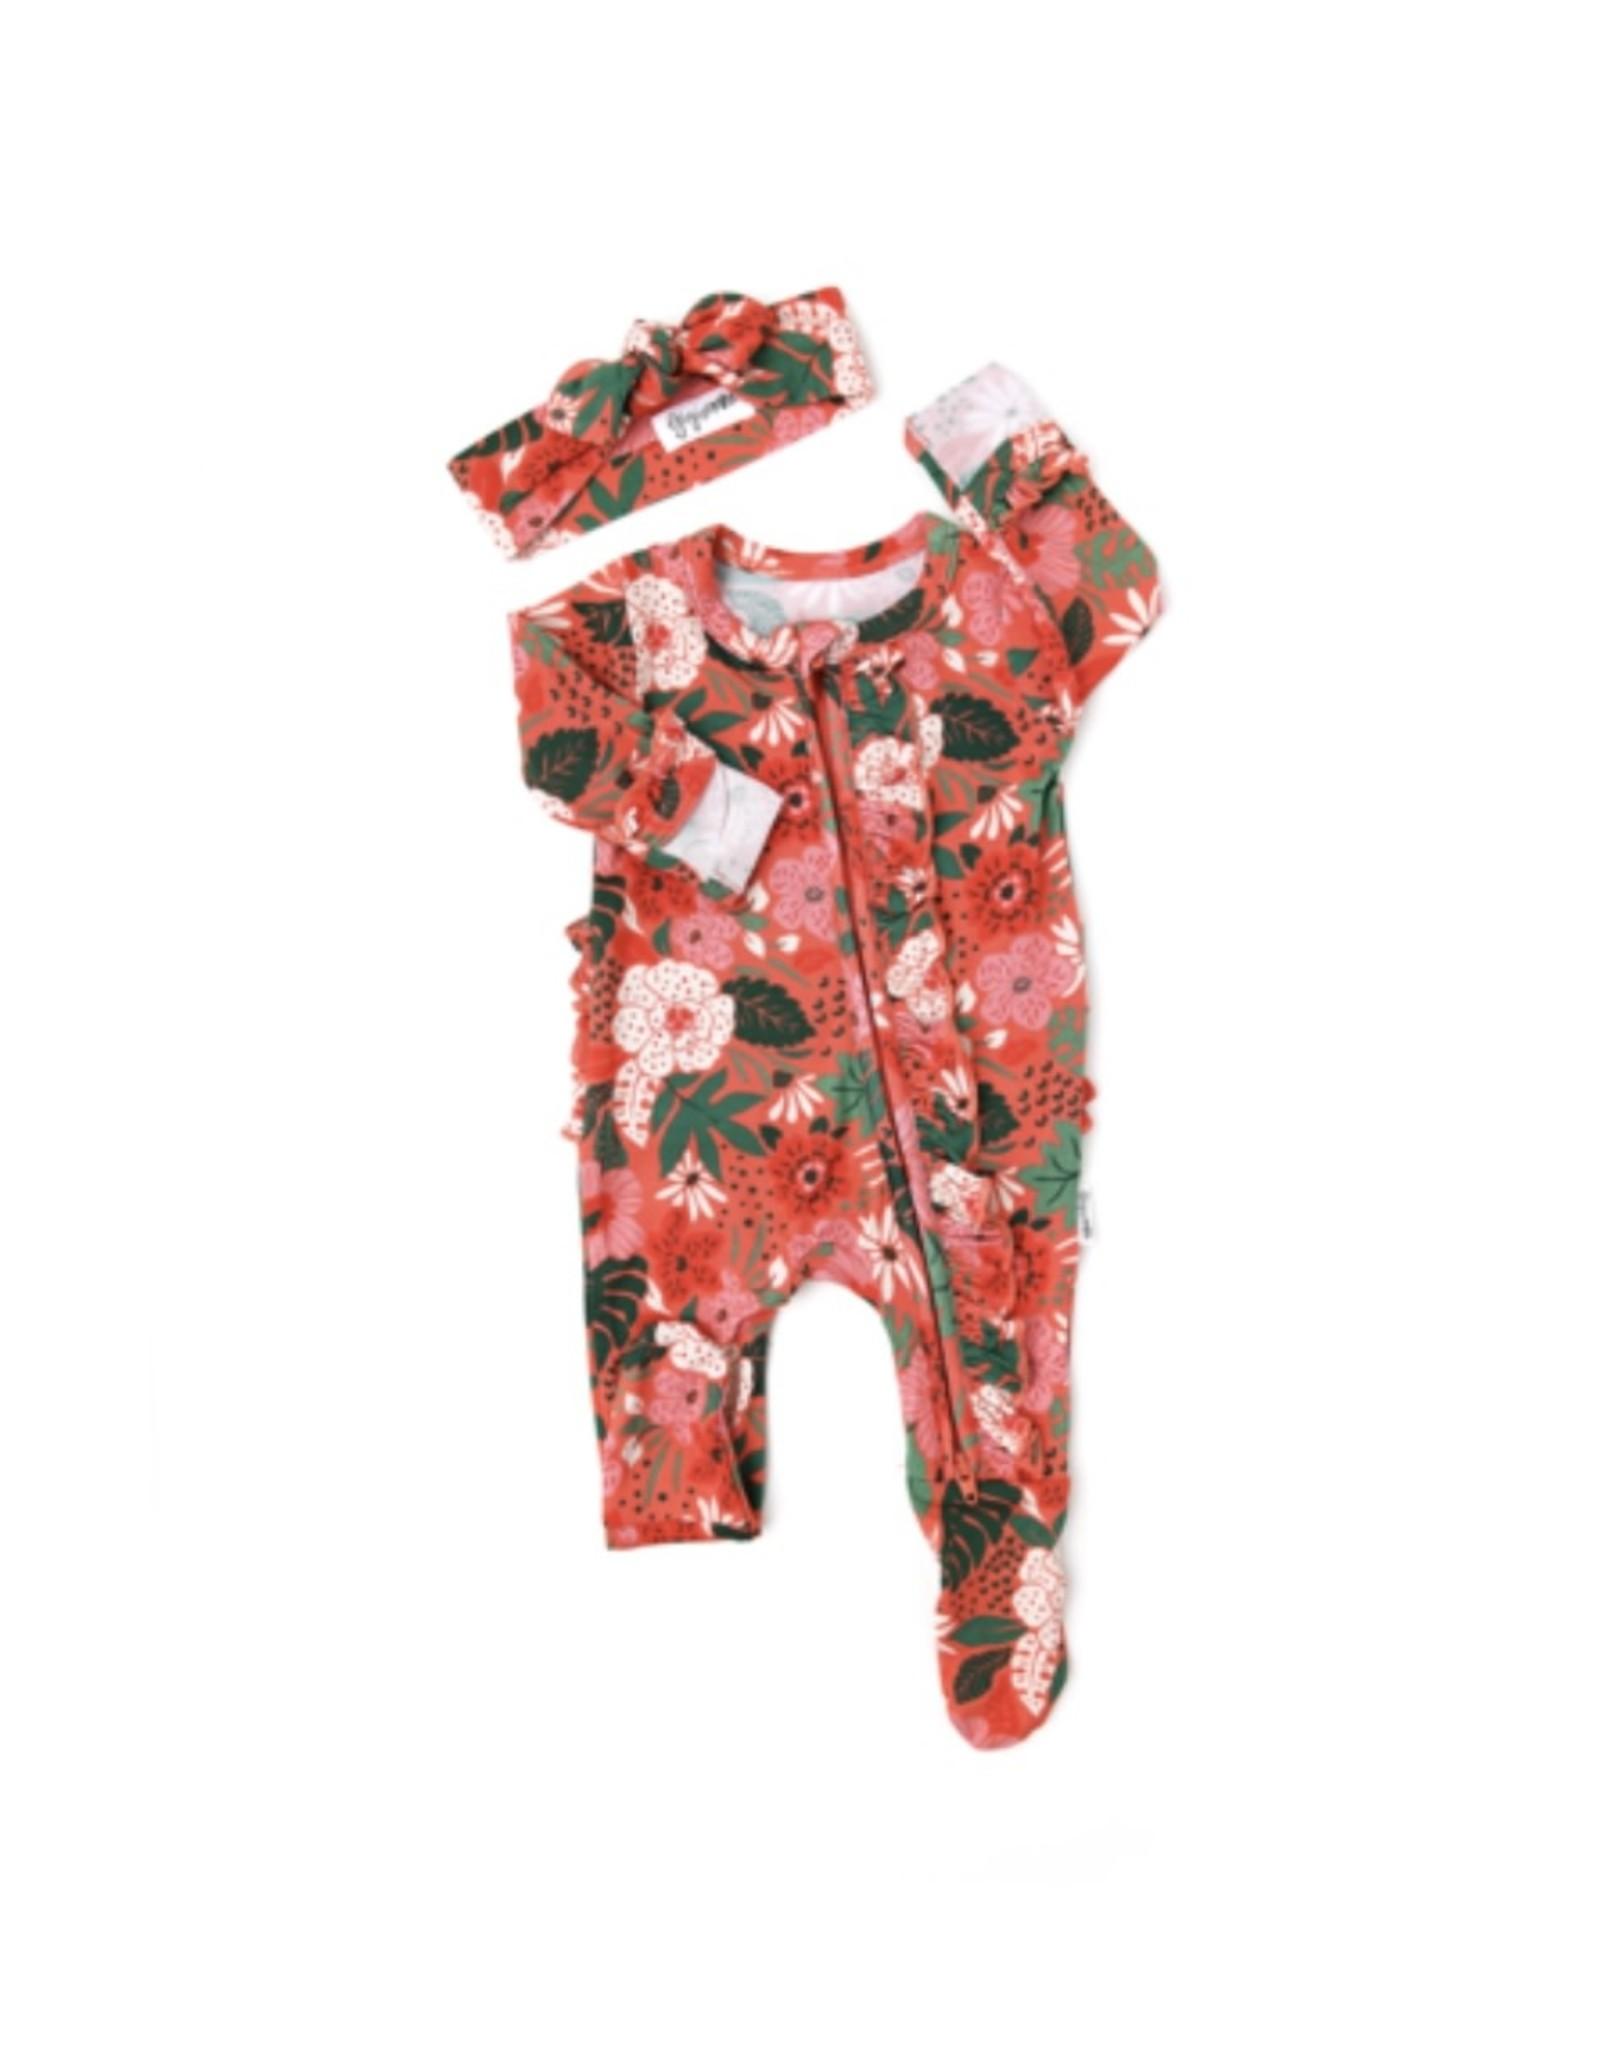 Gigi & Max Gigi & Max- Leilani Ruffle Newborn Zipper Footie & Headband Set